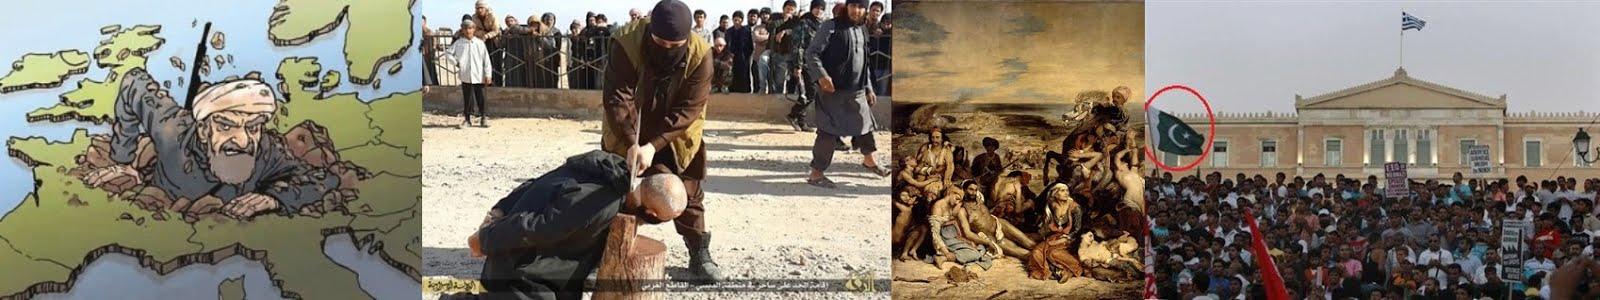 Άρχισαν να στέλνουν λάθρο-ισλαμο-εισβολείς στην Ευρώπη δια της ΒΙΑΣ και ΤΖΑΜΠΑ;;;σώωωπα!!!